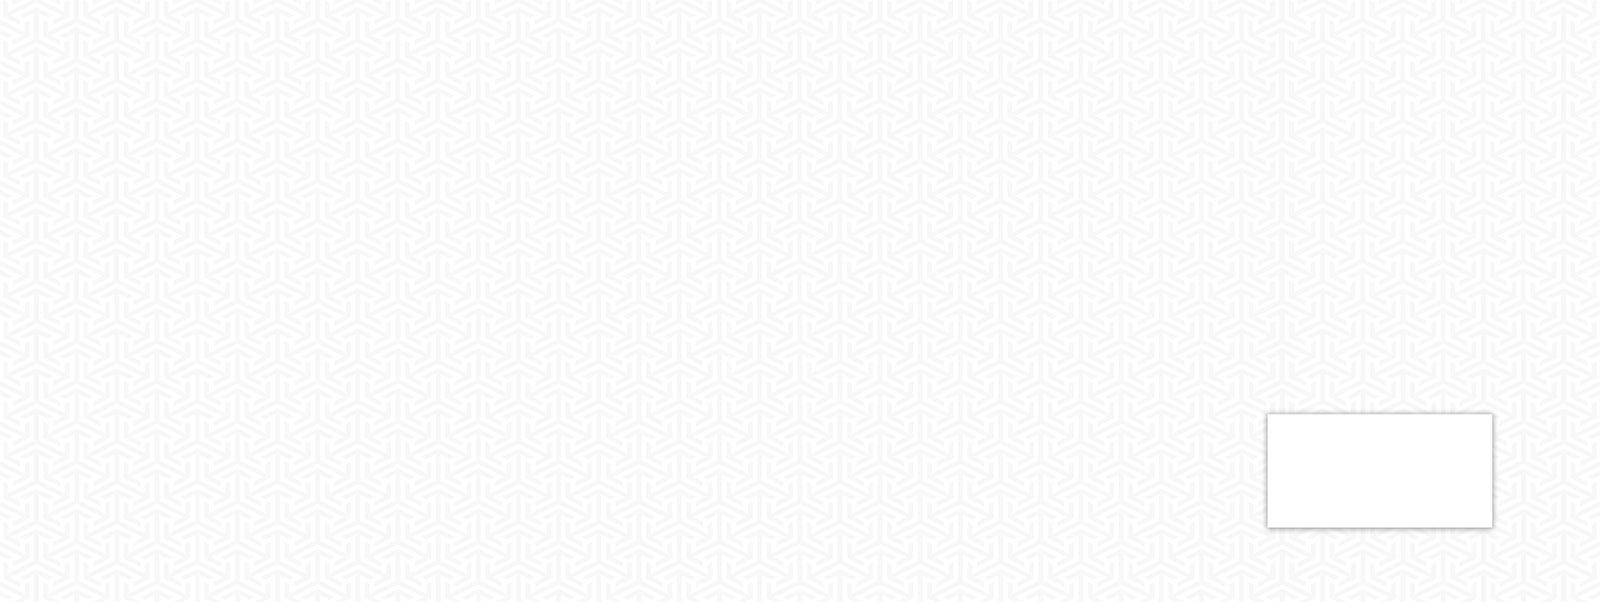 SkyBook-Pattern-Spread-Sample